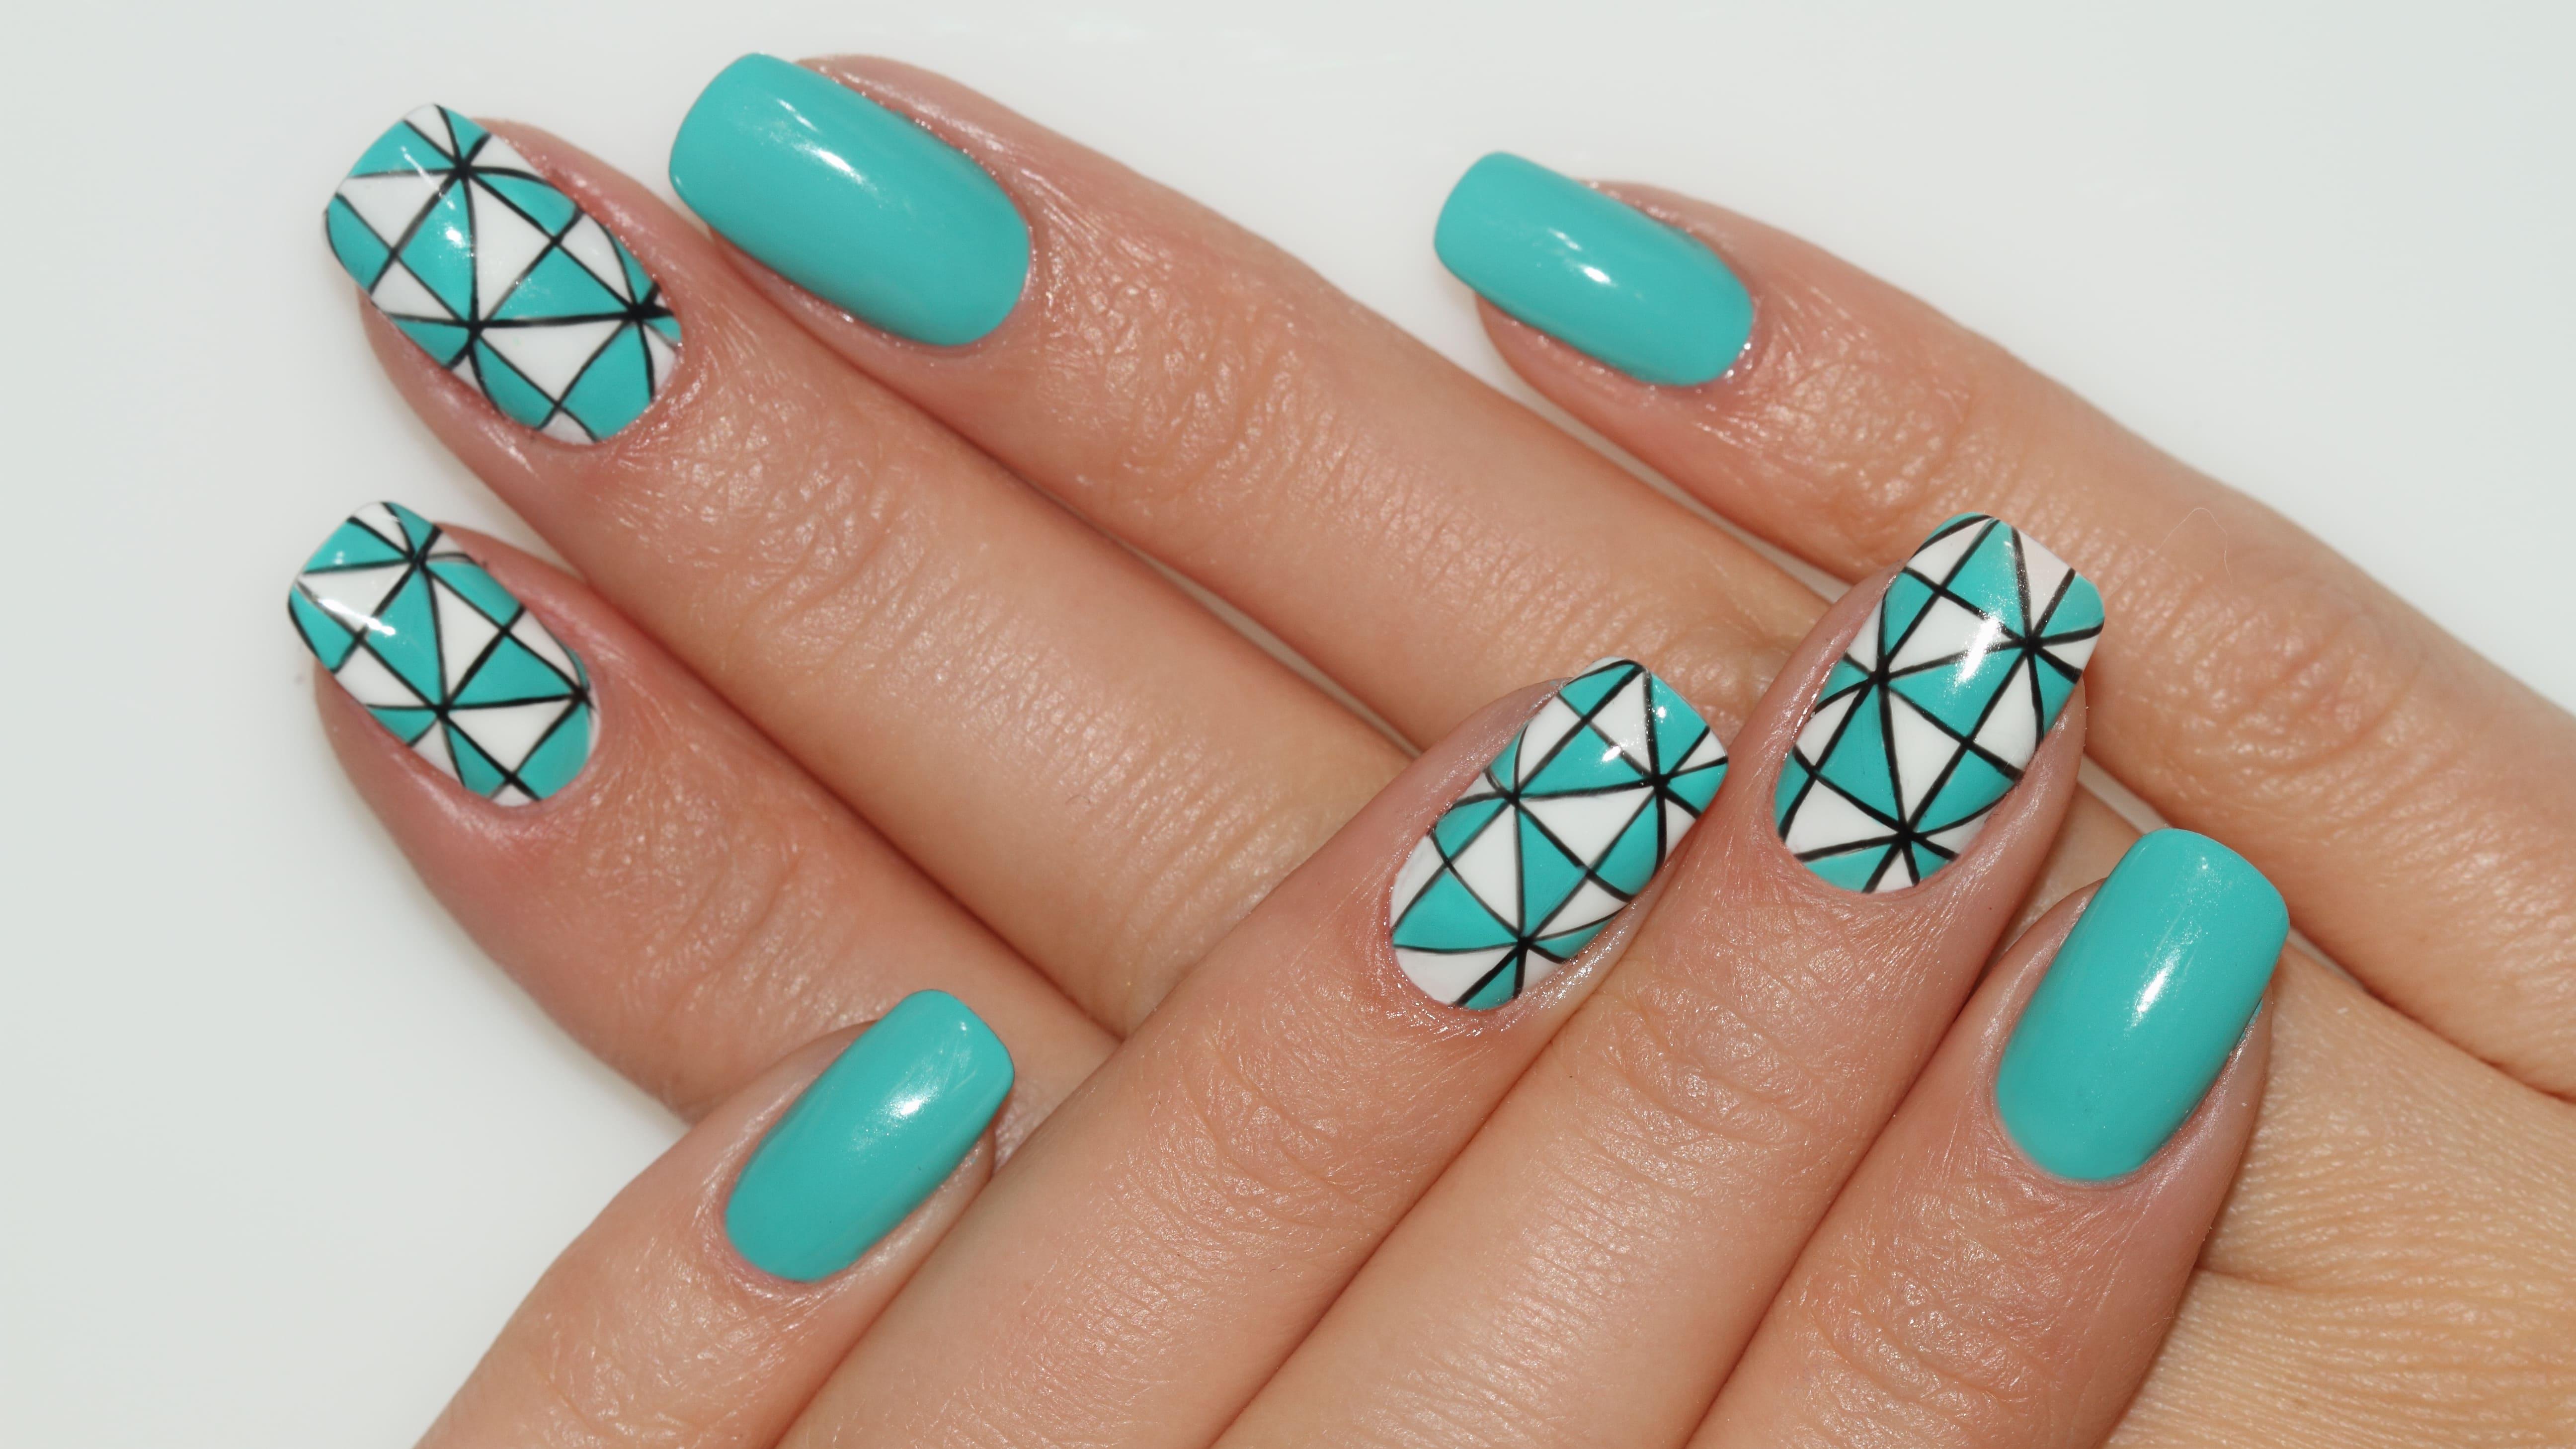 Nail Arts Designs - 7